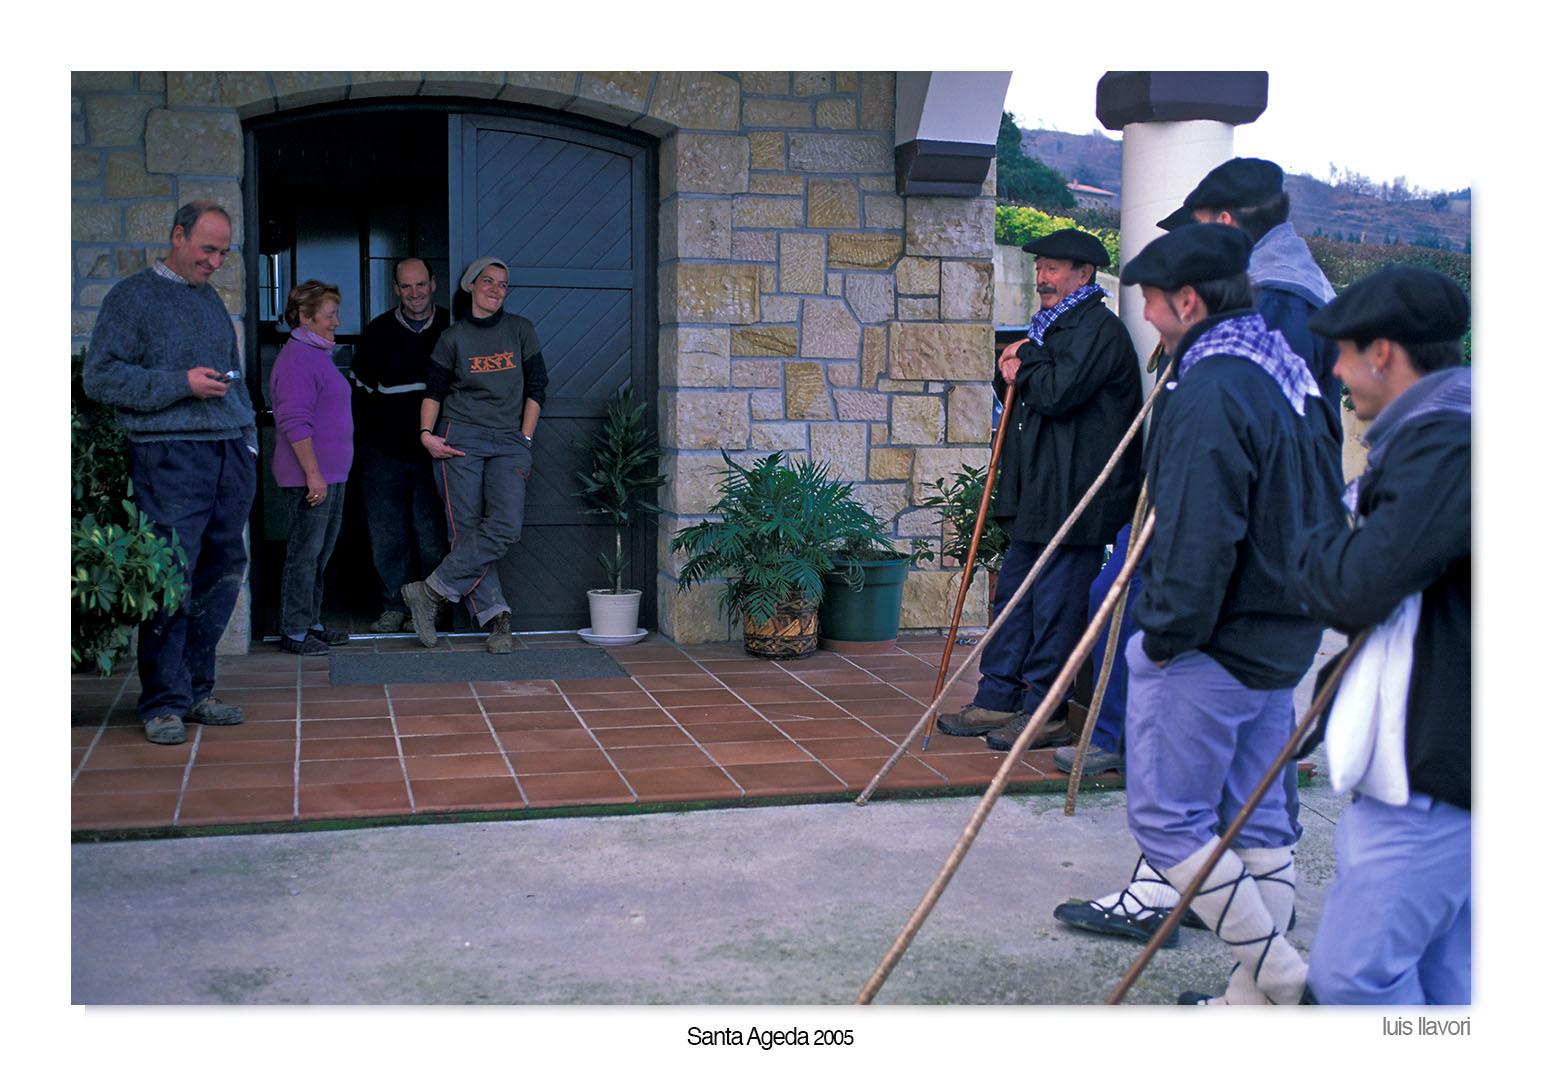 08 - Santa Agueda - Luis Llavori , Fotografía